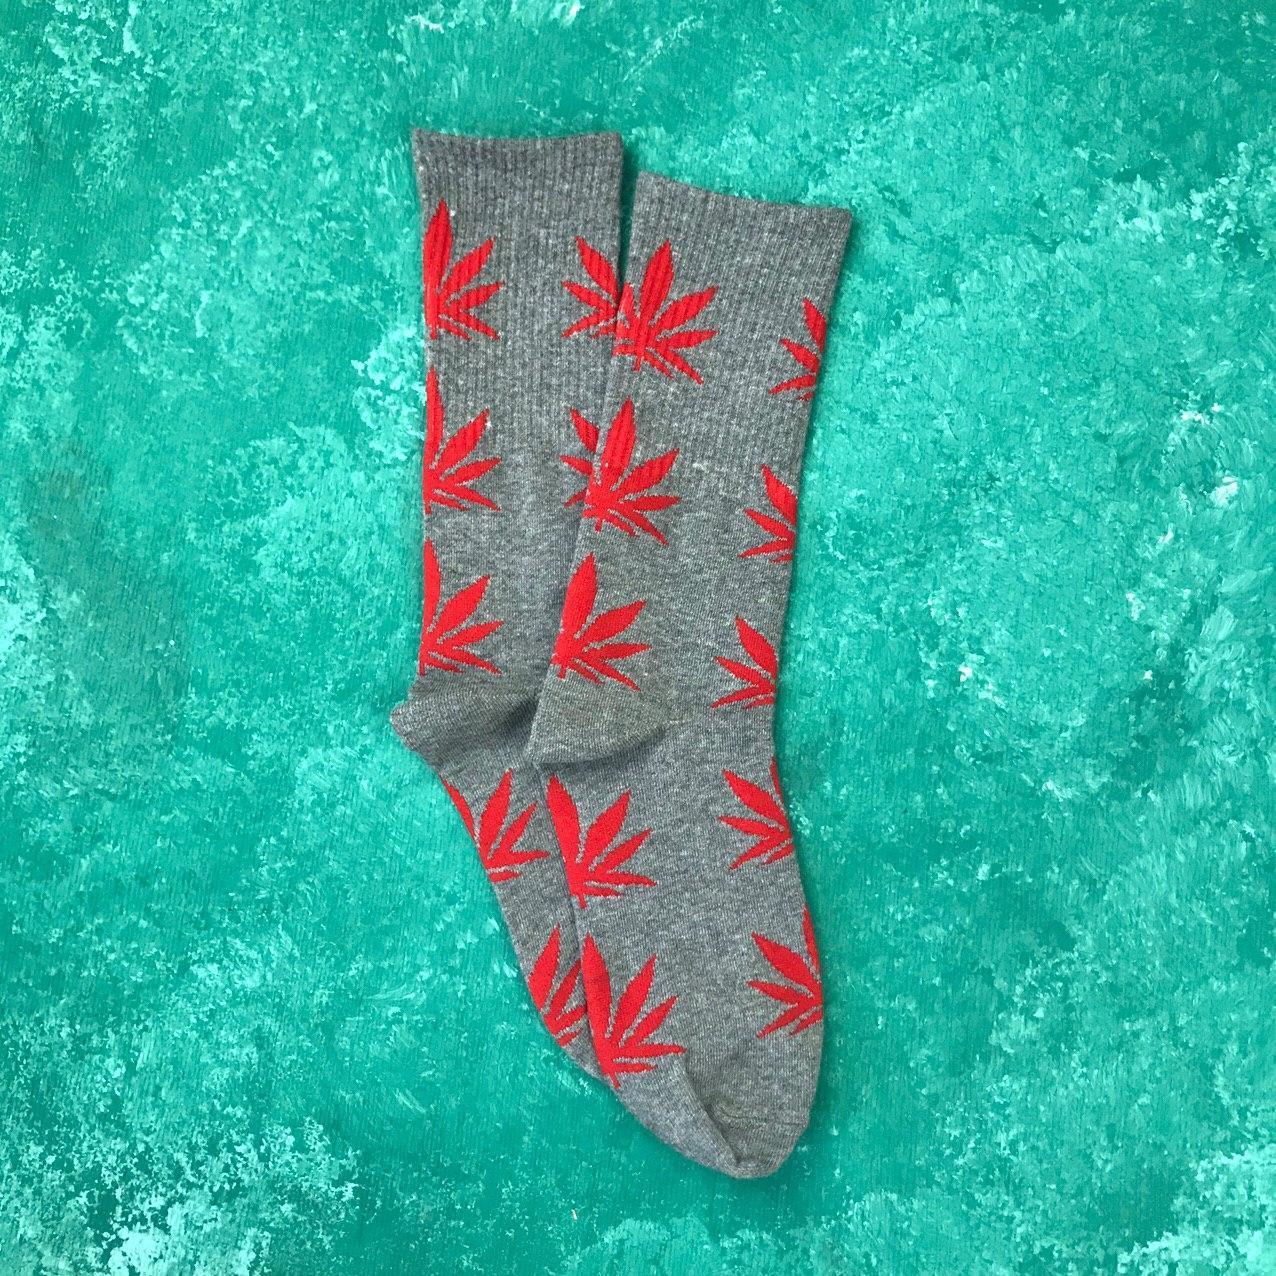 Носки Высокие Женские Мужские City-A HUF Plantlife Серые с Красным листом 37-43